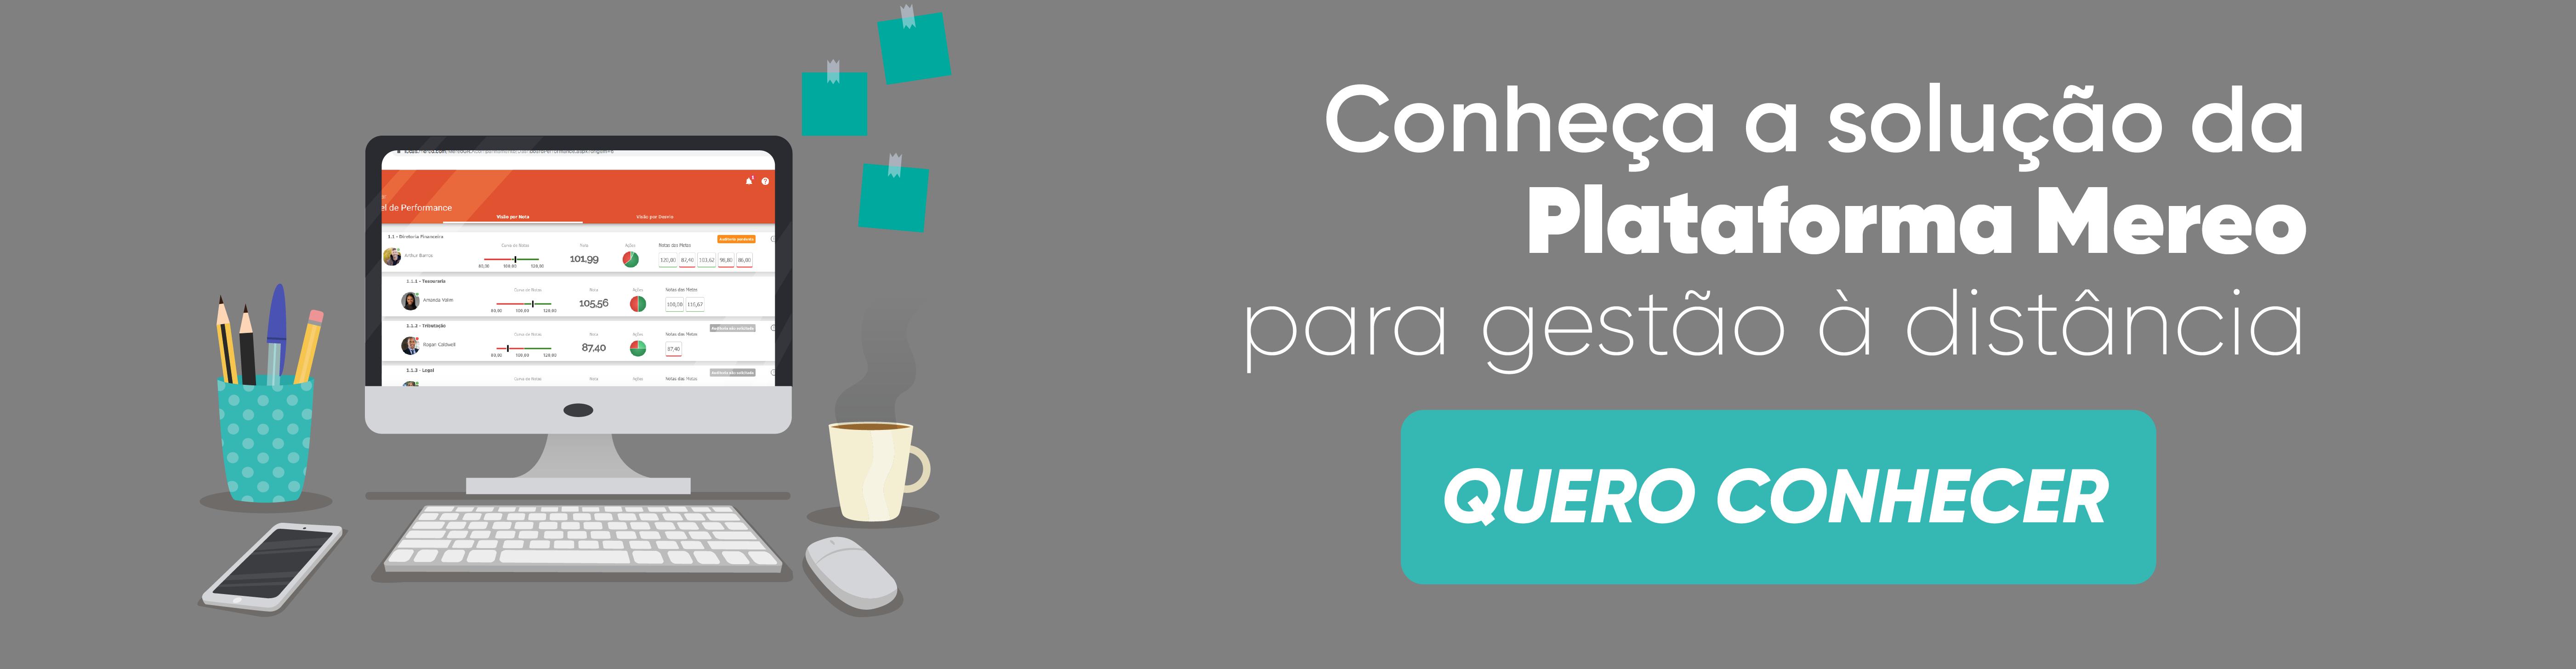 plataforma_mereo